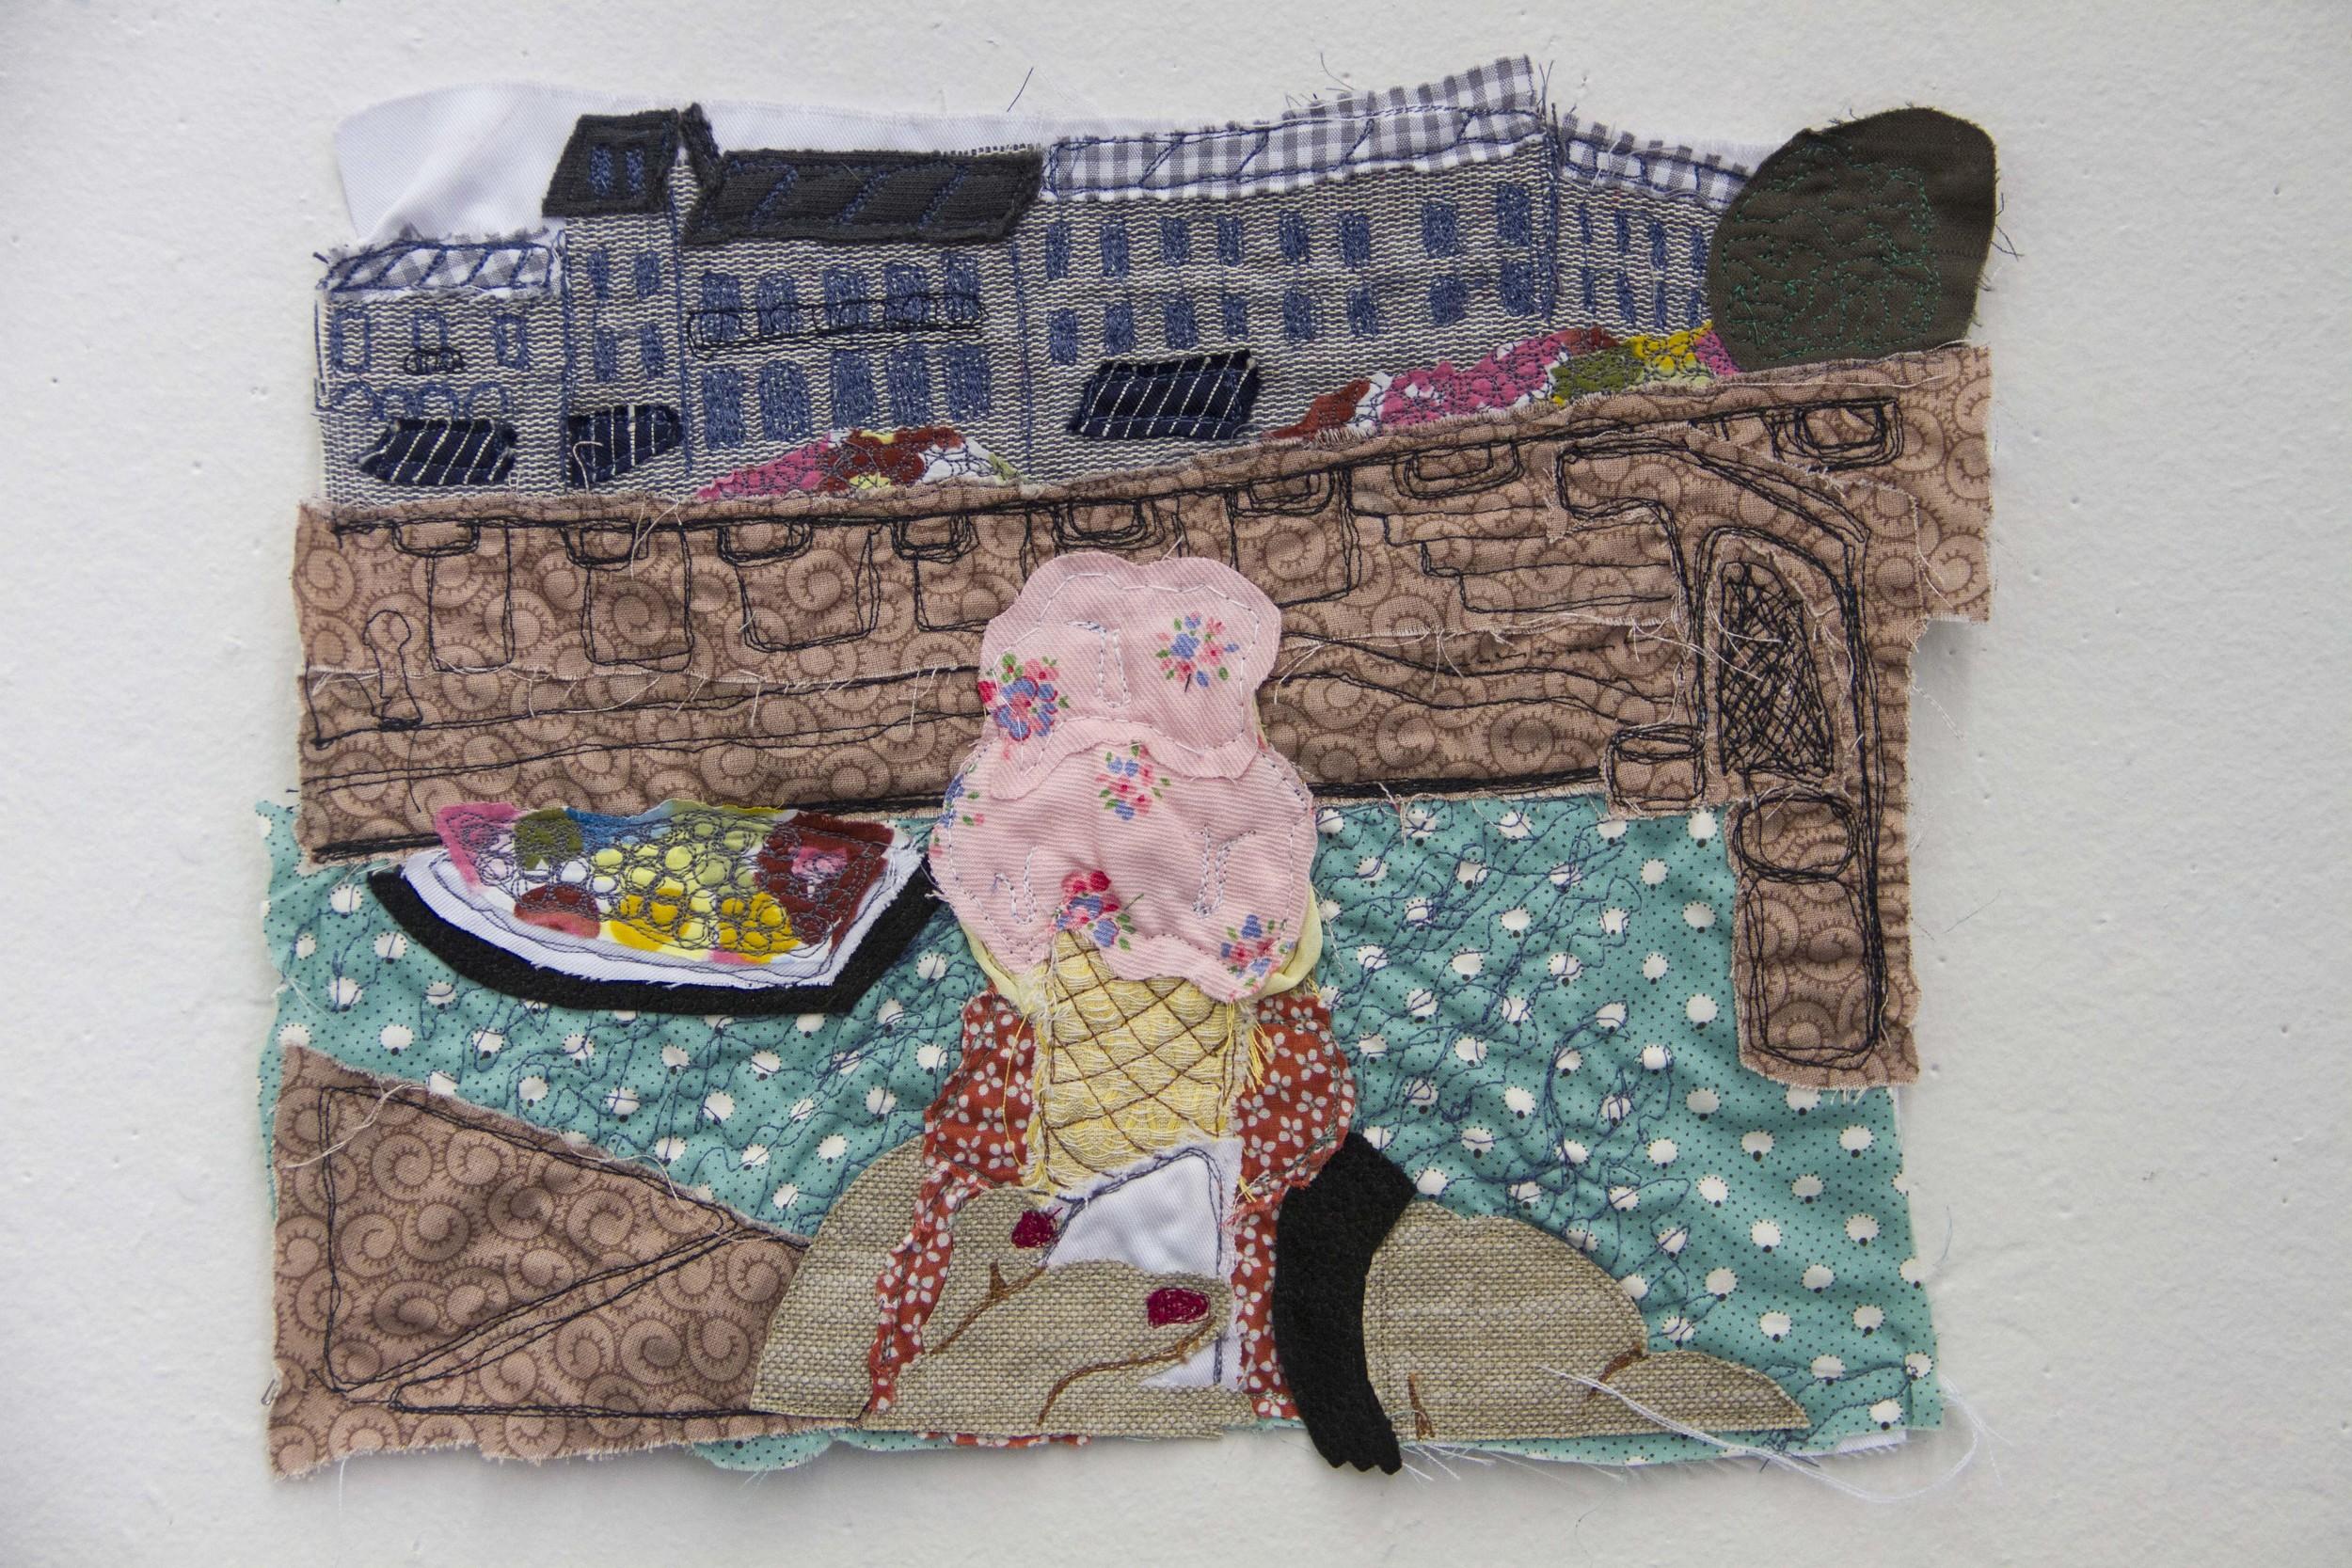 MadisonHeim_Embroidery-4.jpg